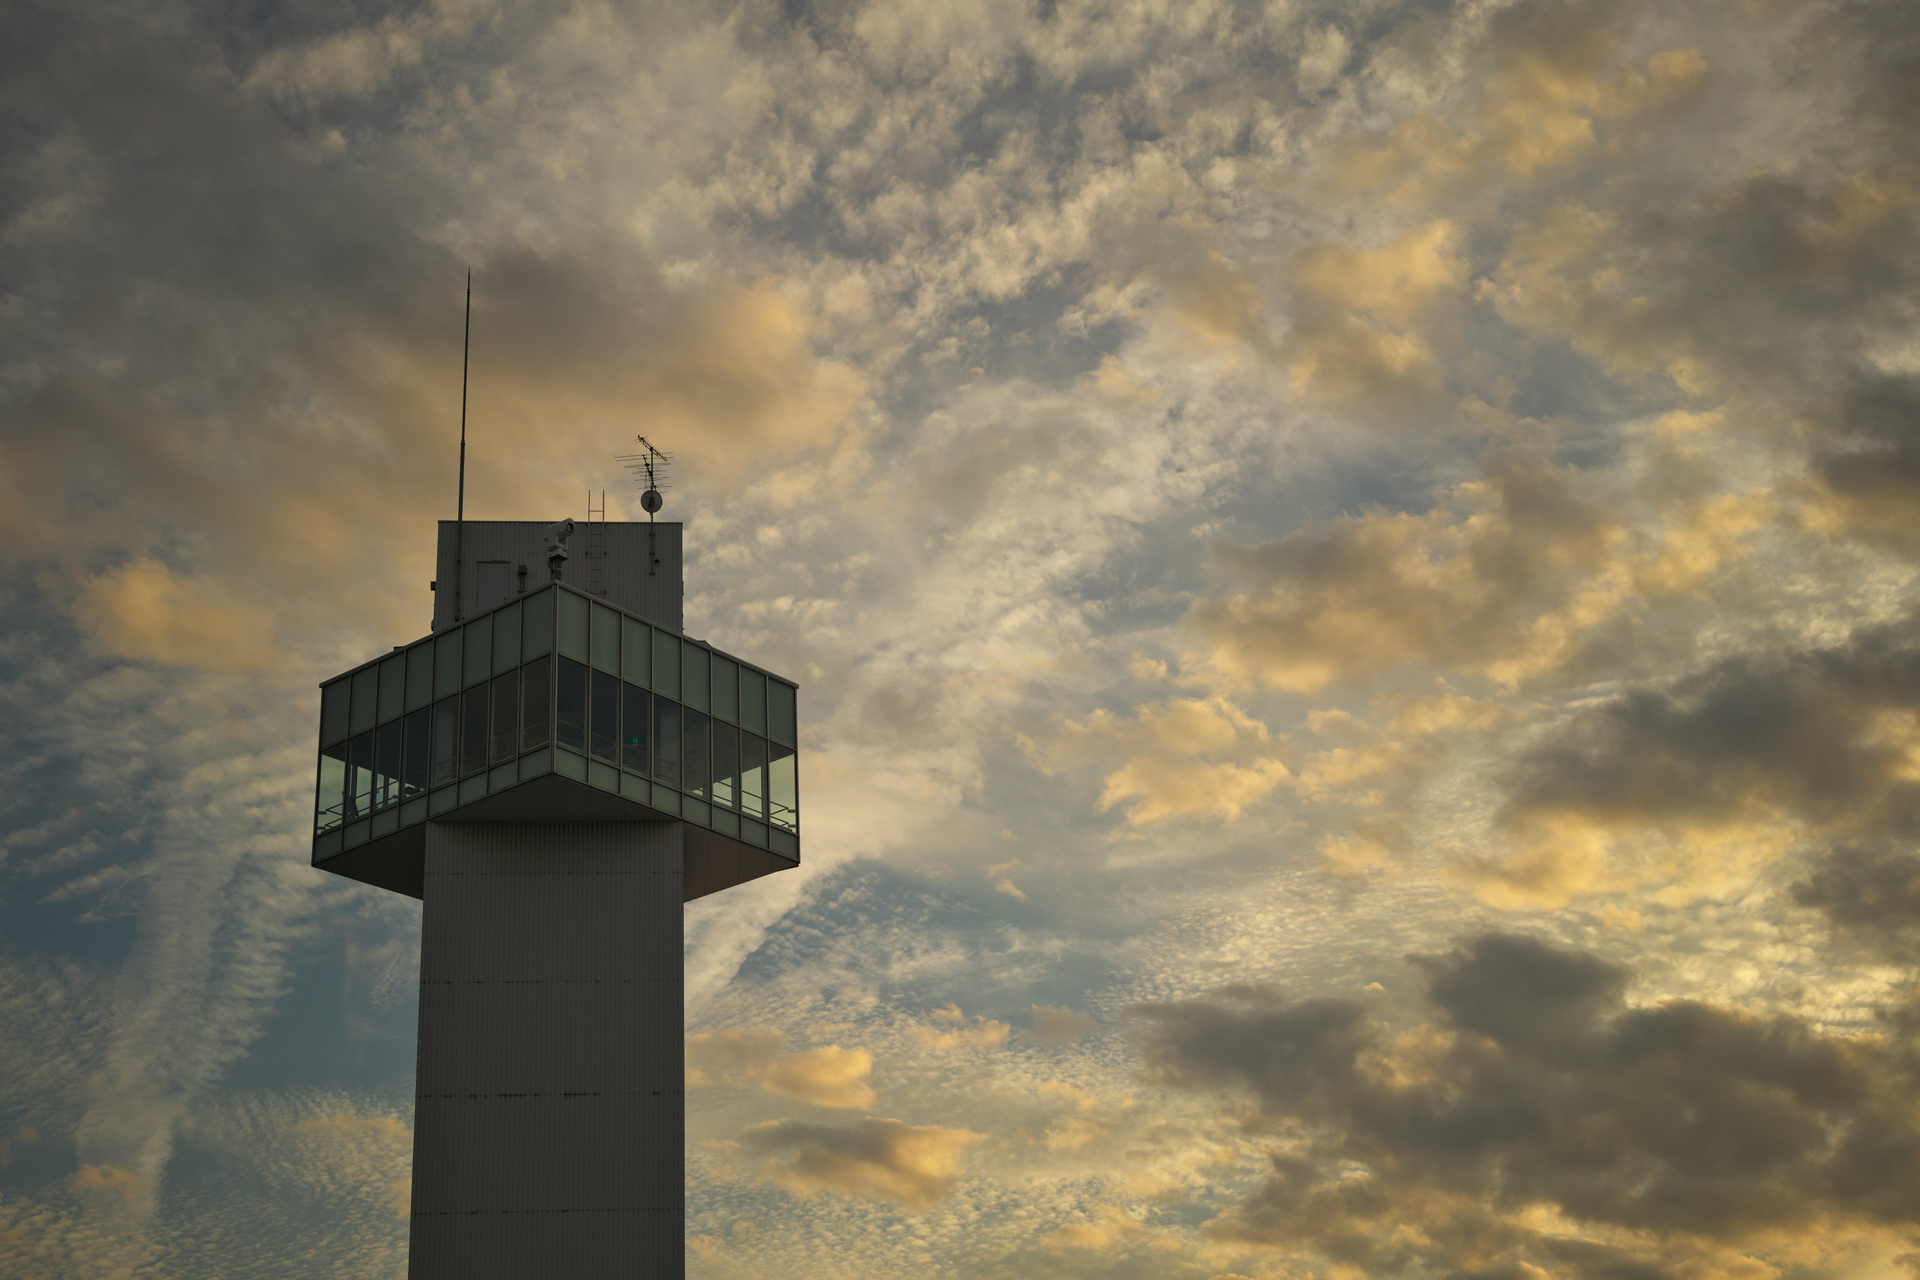 逆光での管制塔。空の雲の再現が美しくてシャッターを押す。絞り開放だが、周辺光量が落ちない。また階調のつながりがいい。<br>α7R IV APO-LANTHAR 50mm F2 Aspherical E-mount(F2・1/6,400秒)ISO 100